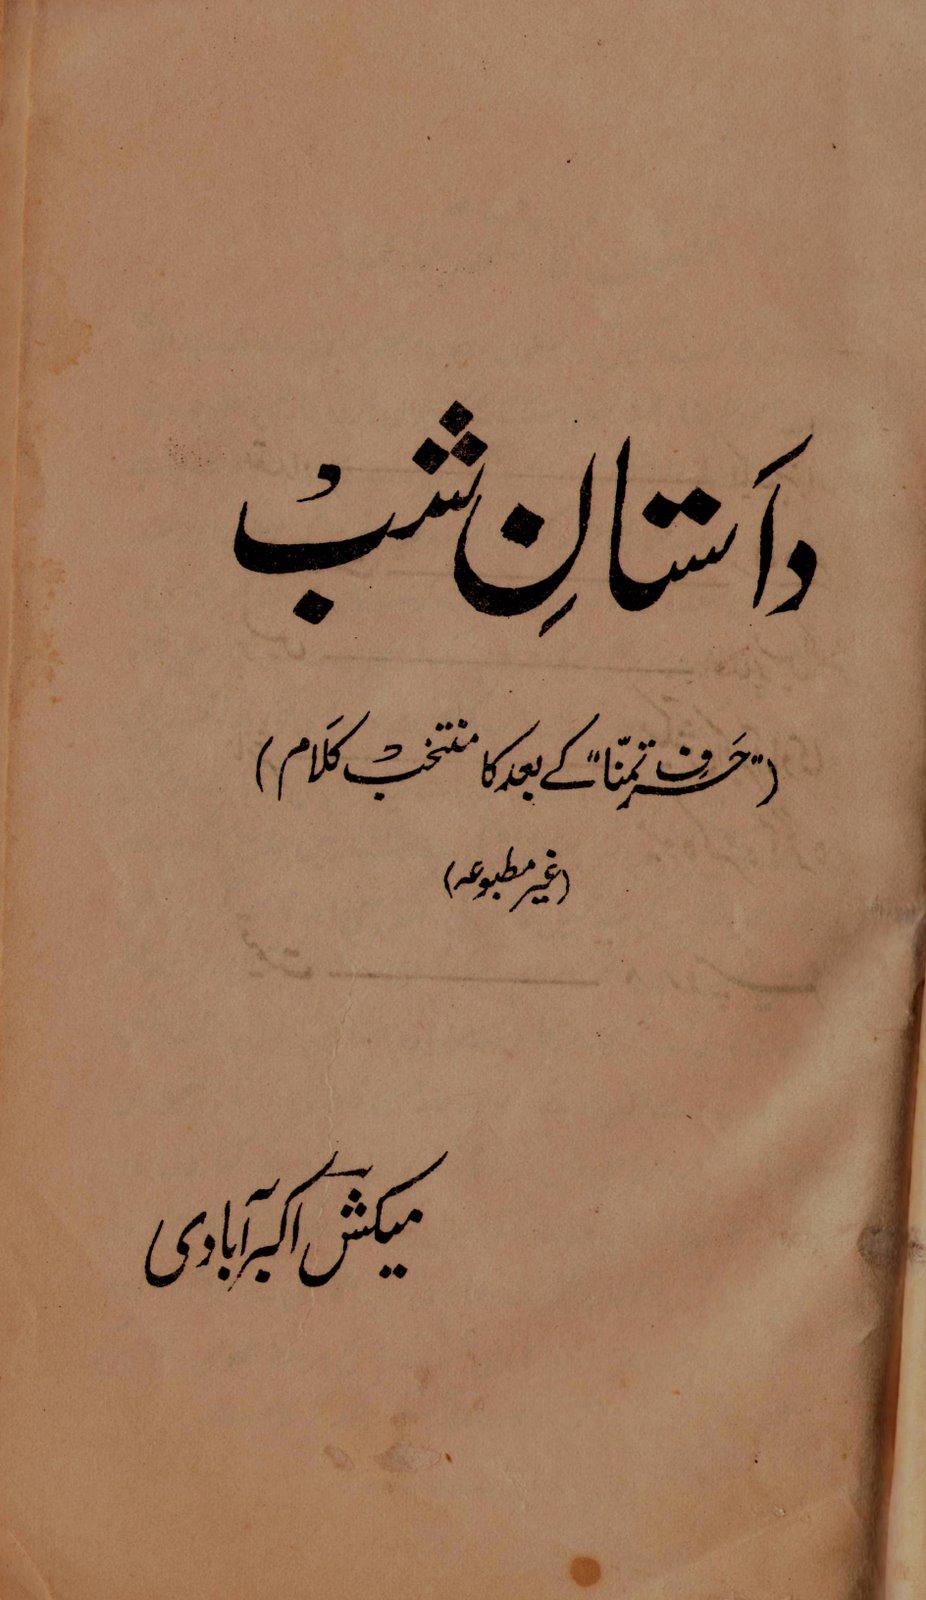 شهوانی | داستان سکسی فارسی، عکس سکسی و انجمن ( Google